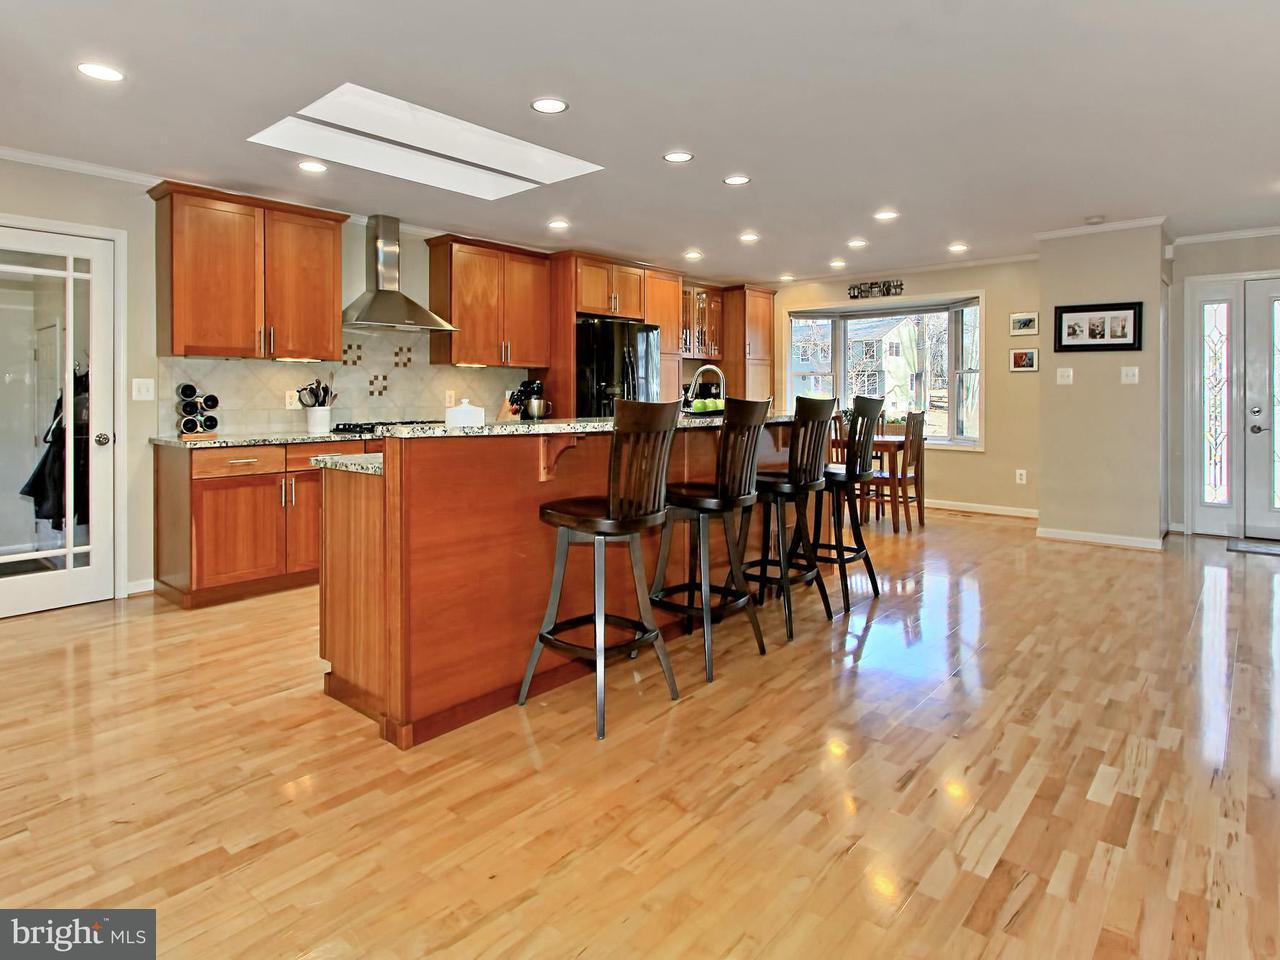 独户住宅 为 销售 在 12225 Folkstone Drive 12225 Folkstone Drive 奥克希尔, 弗吉尼亚州 20171 美国